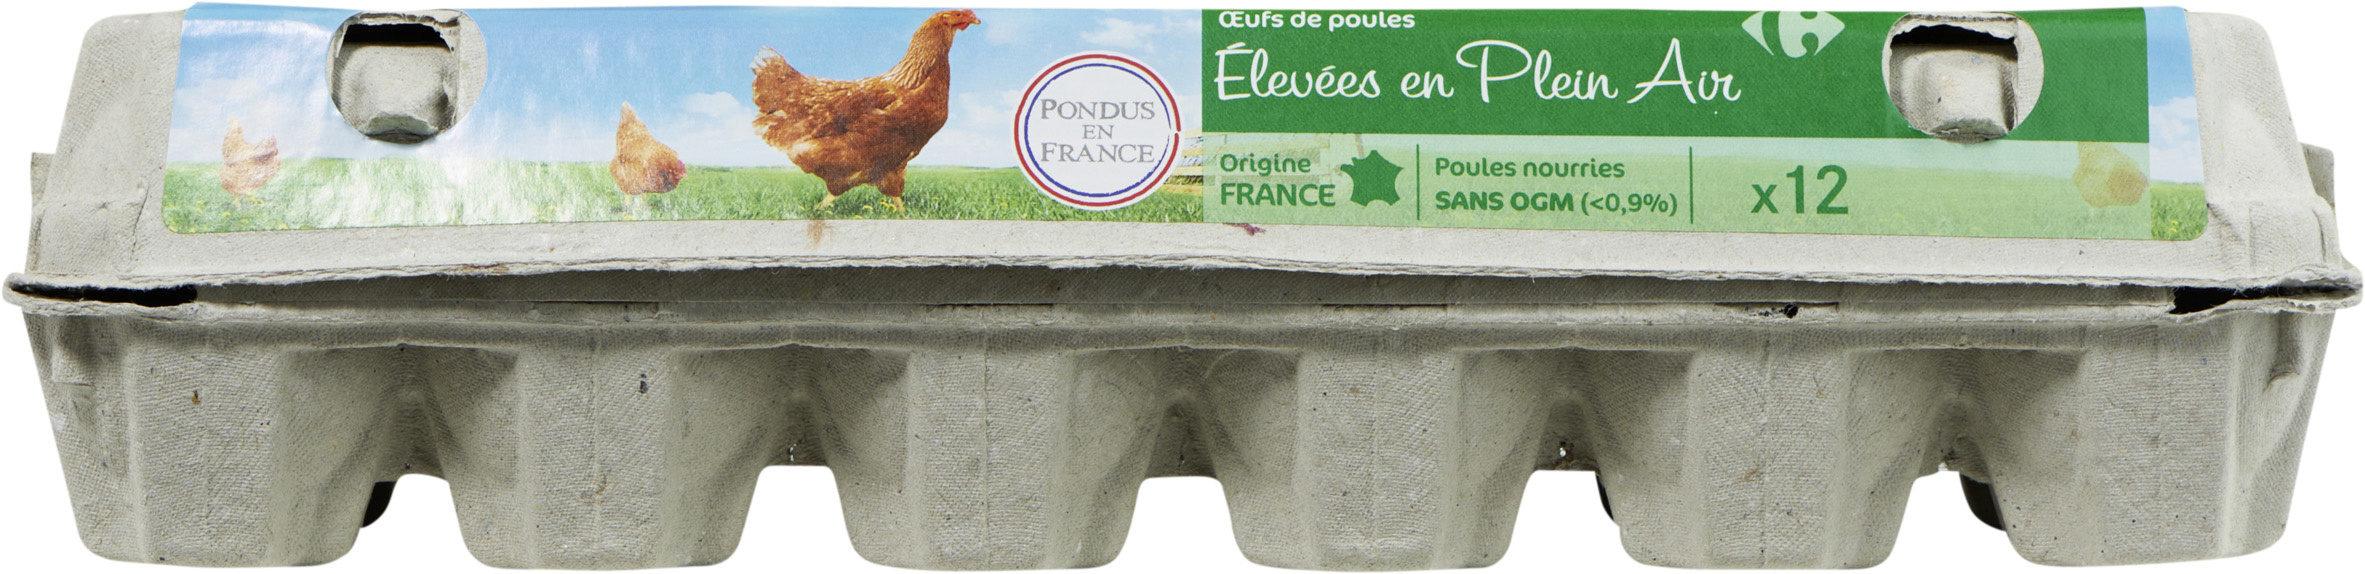 Œufs de poules Elevées en plein air - Product